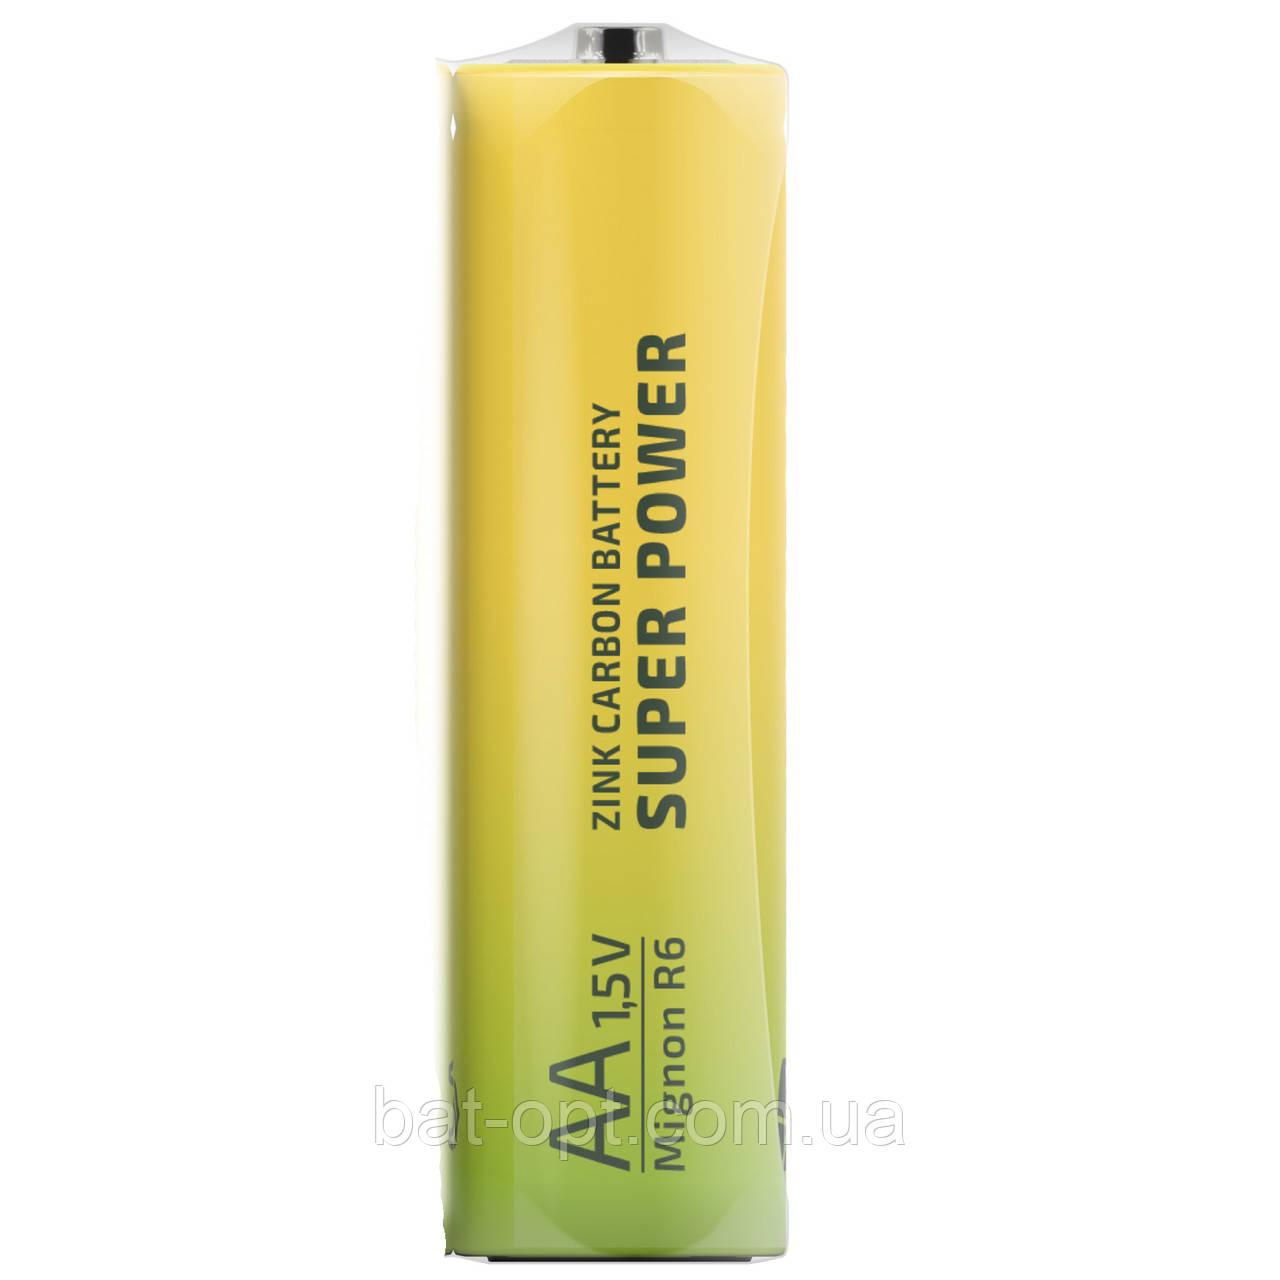 Батарейка солевая Enerlight Super Power R6 AA пальчиковая (трей)